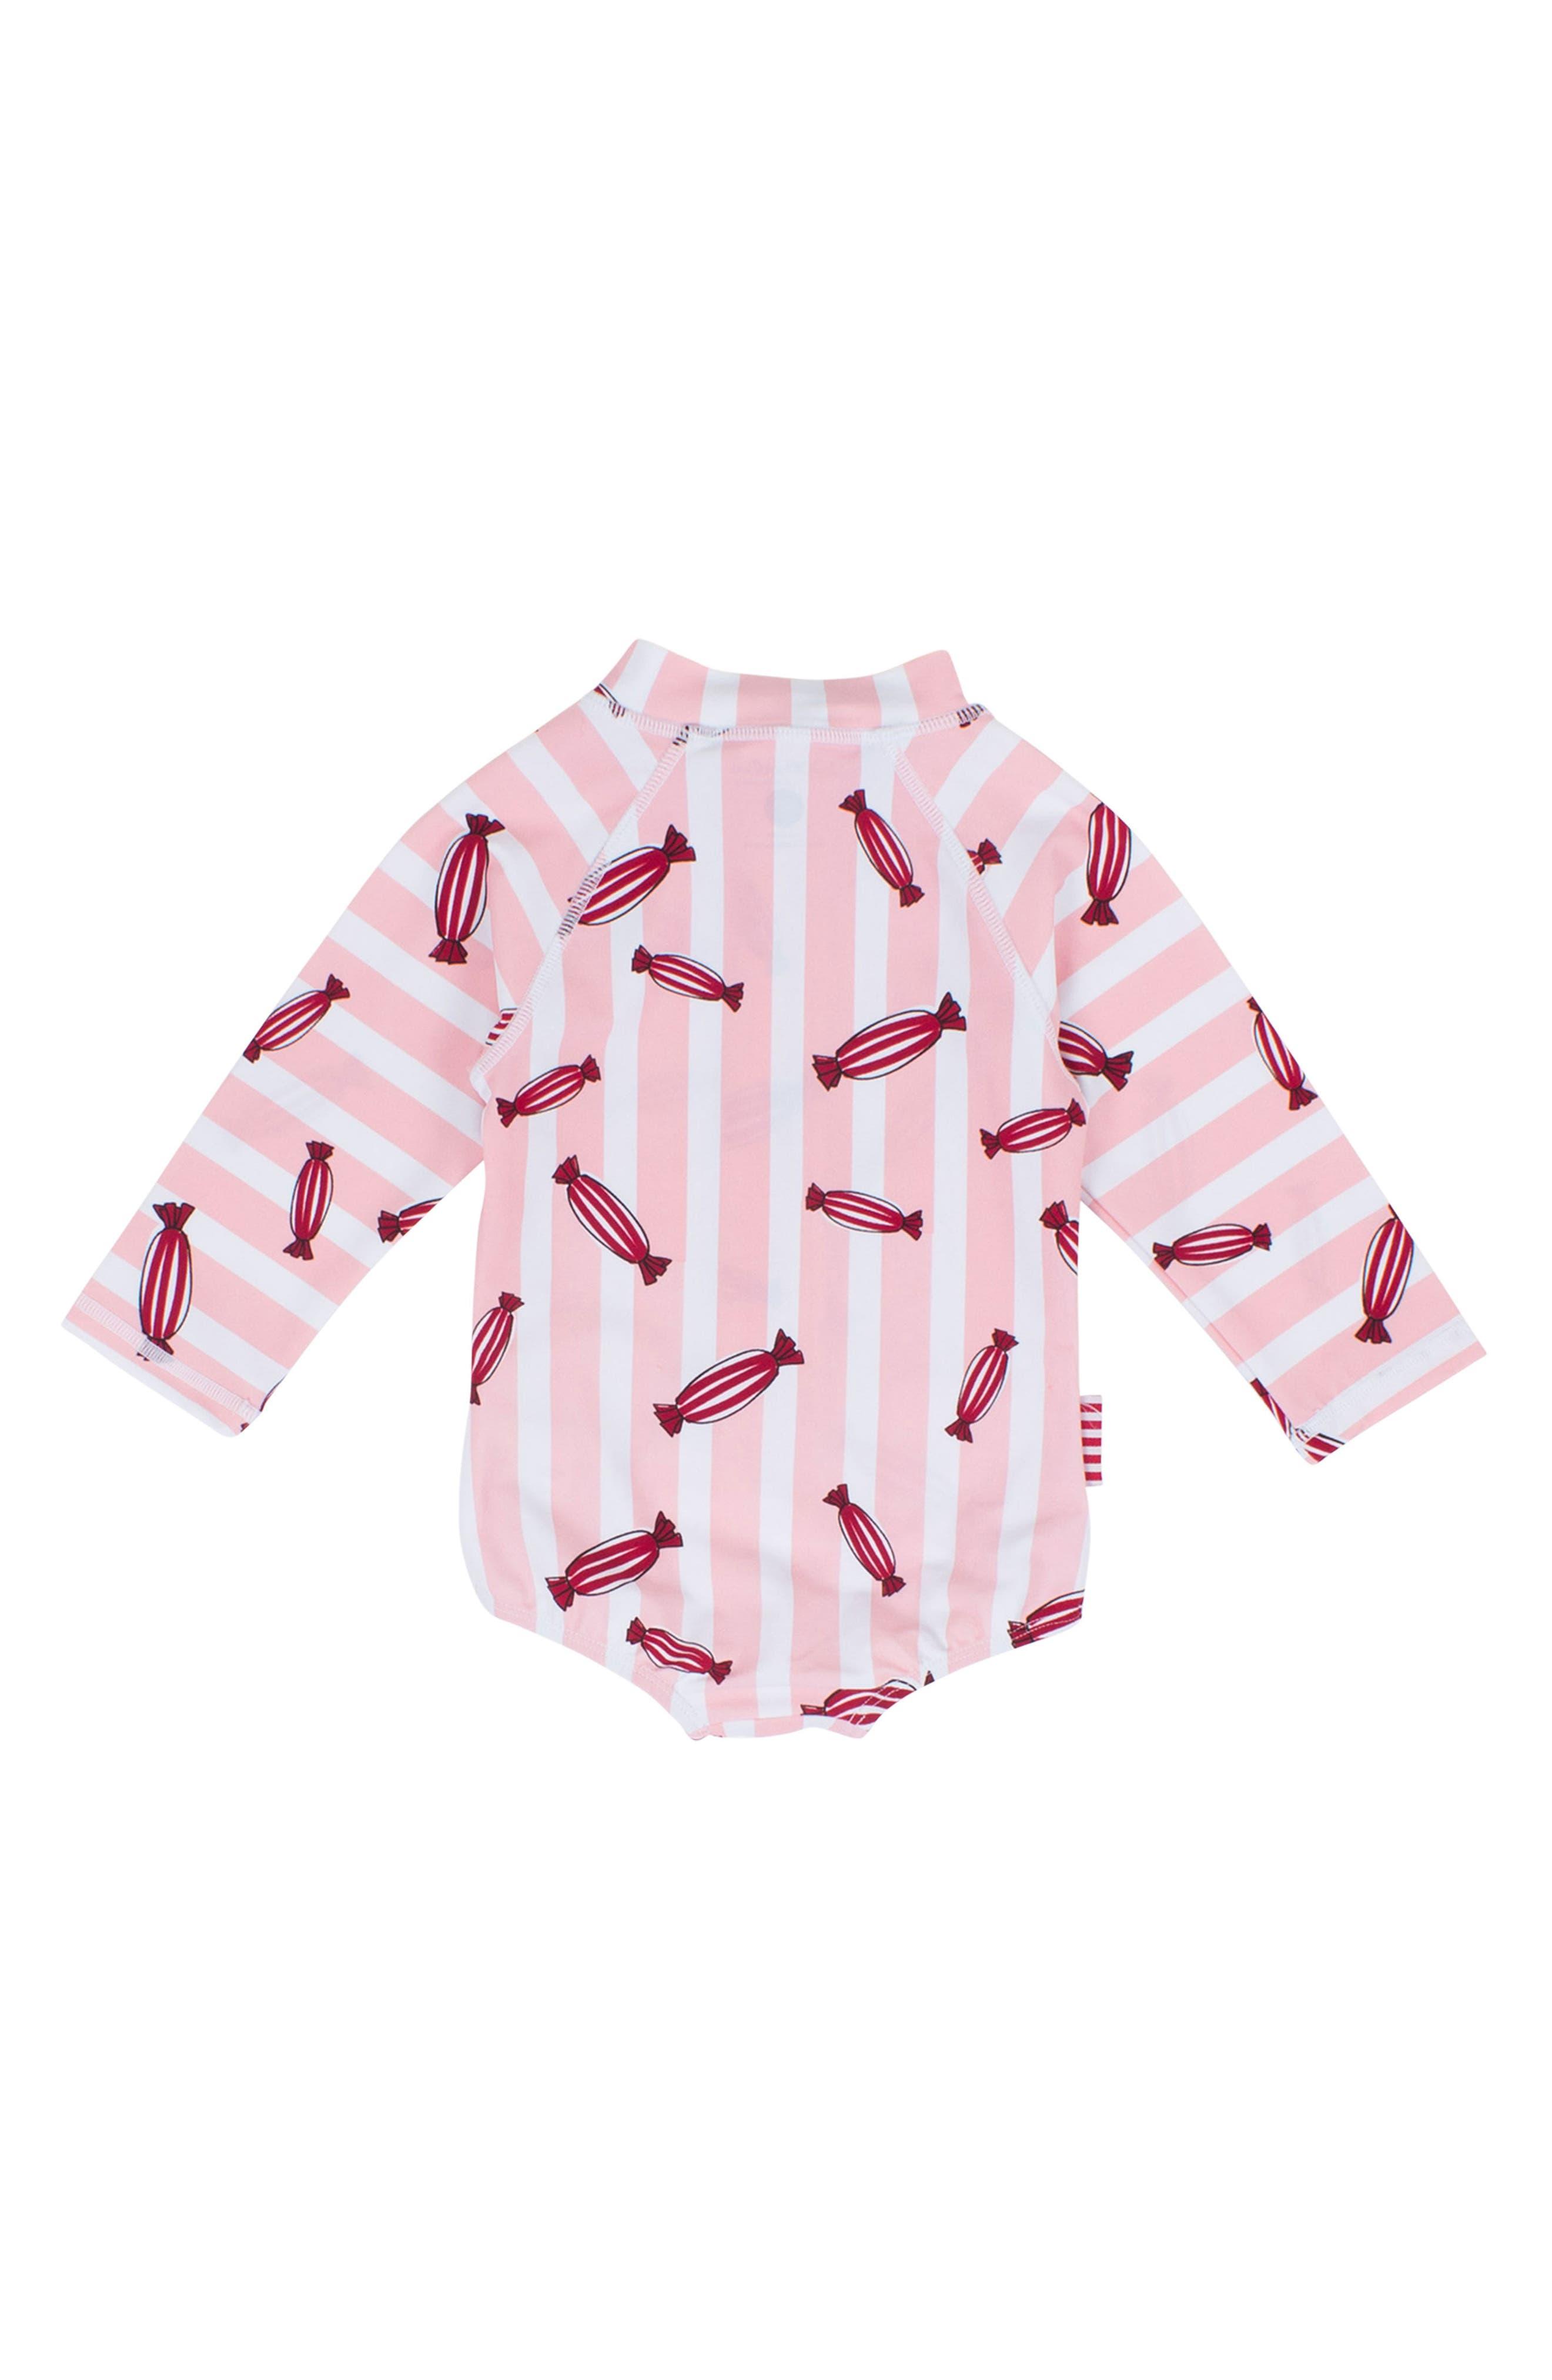 Bonbon One-Piece Rashguard Swimsuit,                             Alternate thumbnail 2, color,